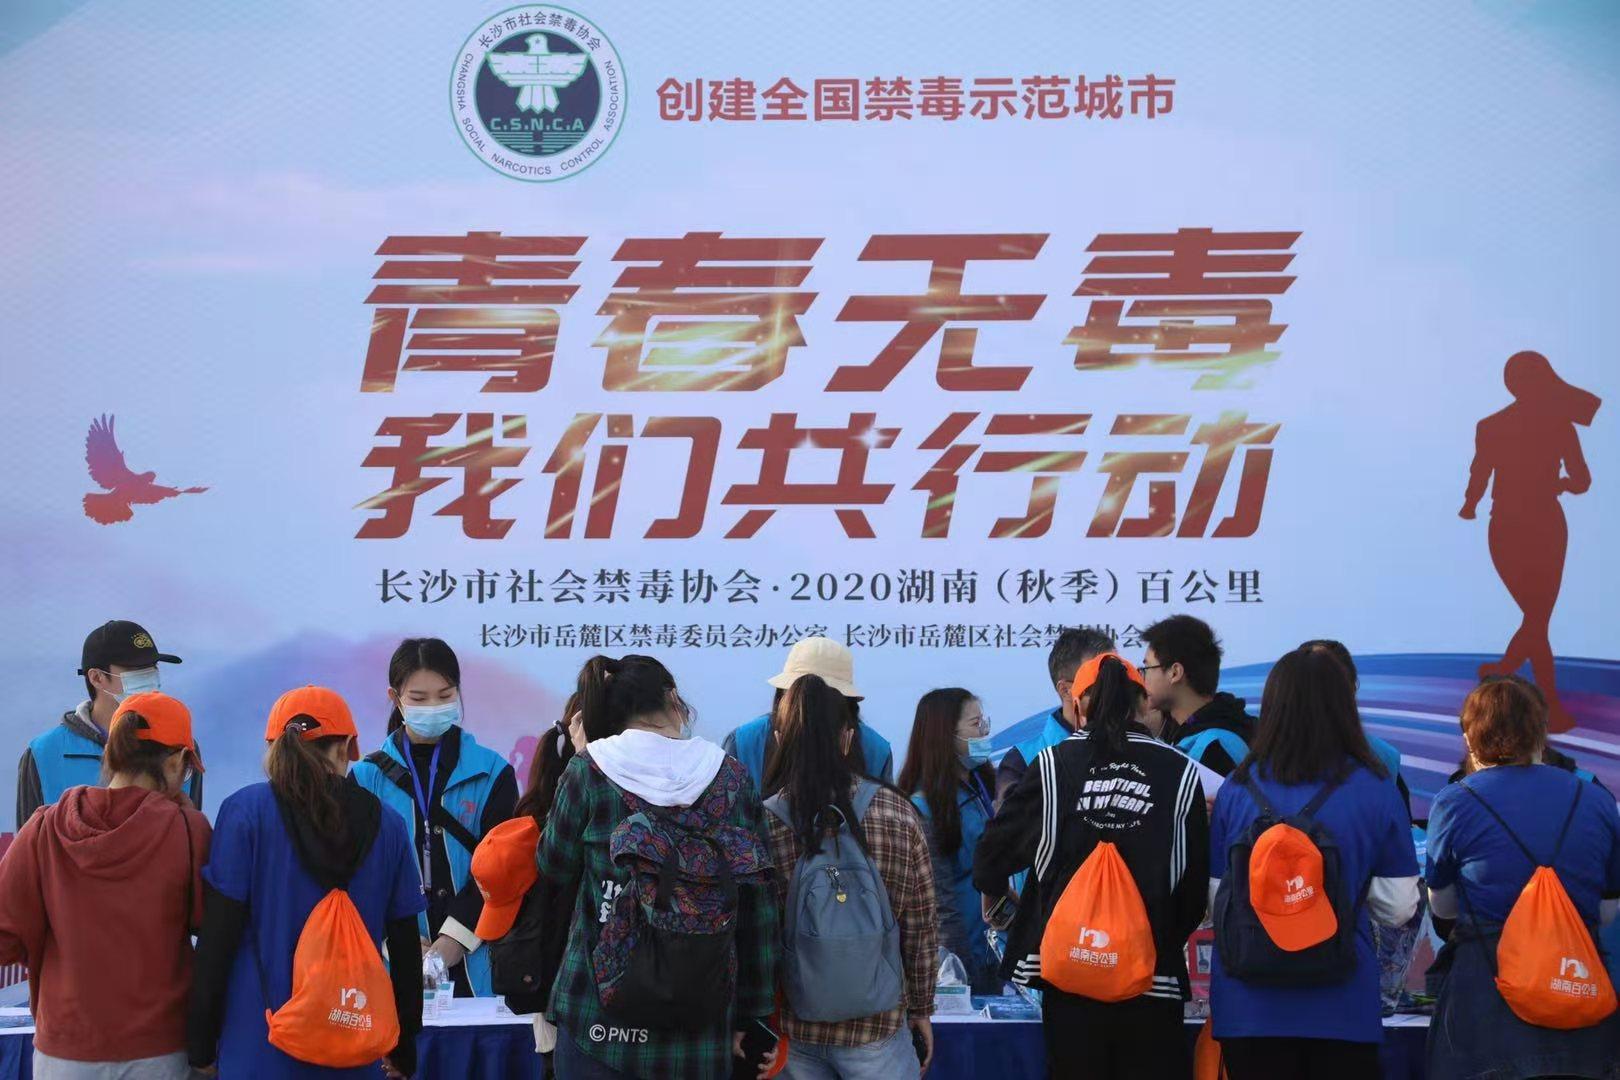 青春无毒 我们共行动——市社会禁毒协会2020湖南(秋季)百公里禁毒宣传活动圆满结束!